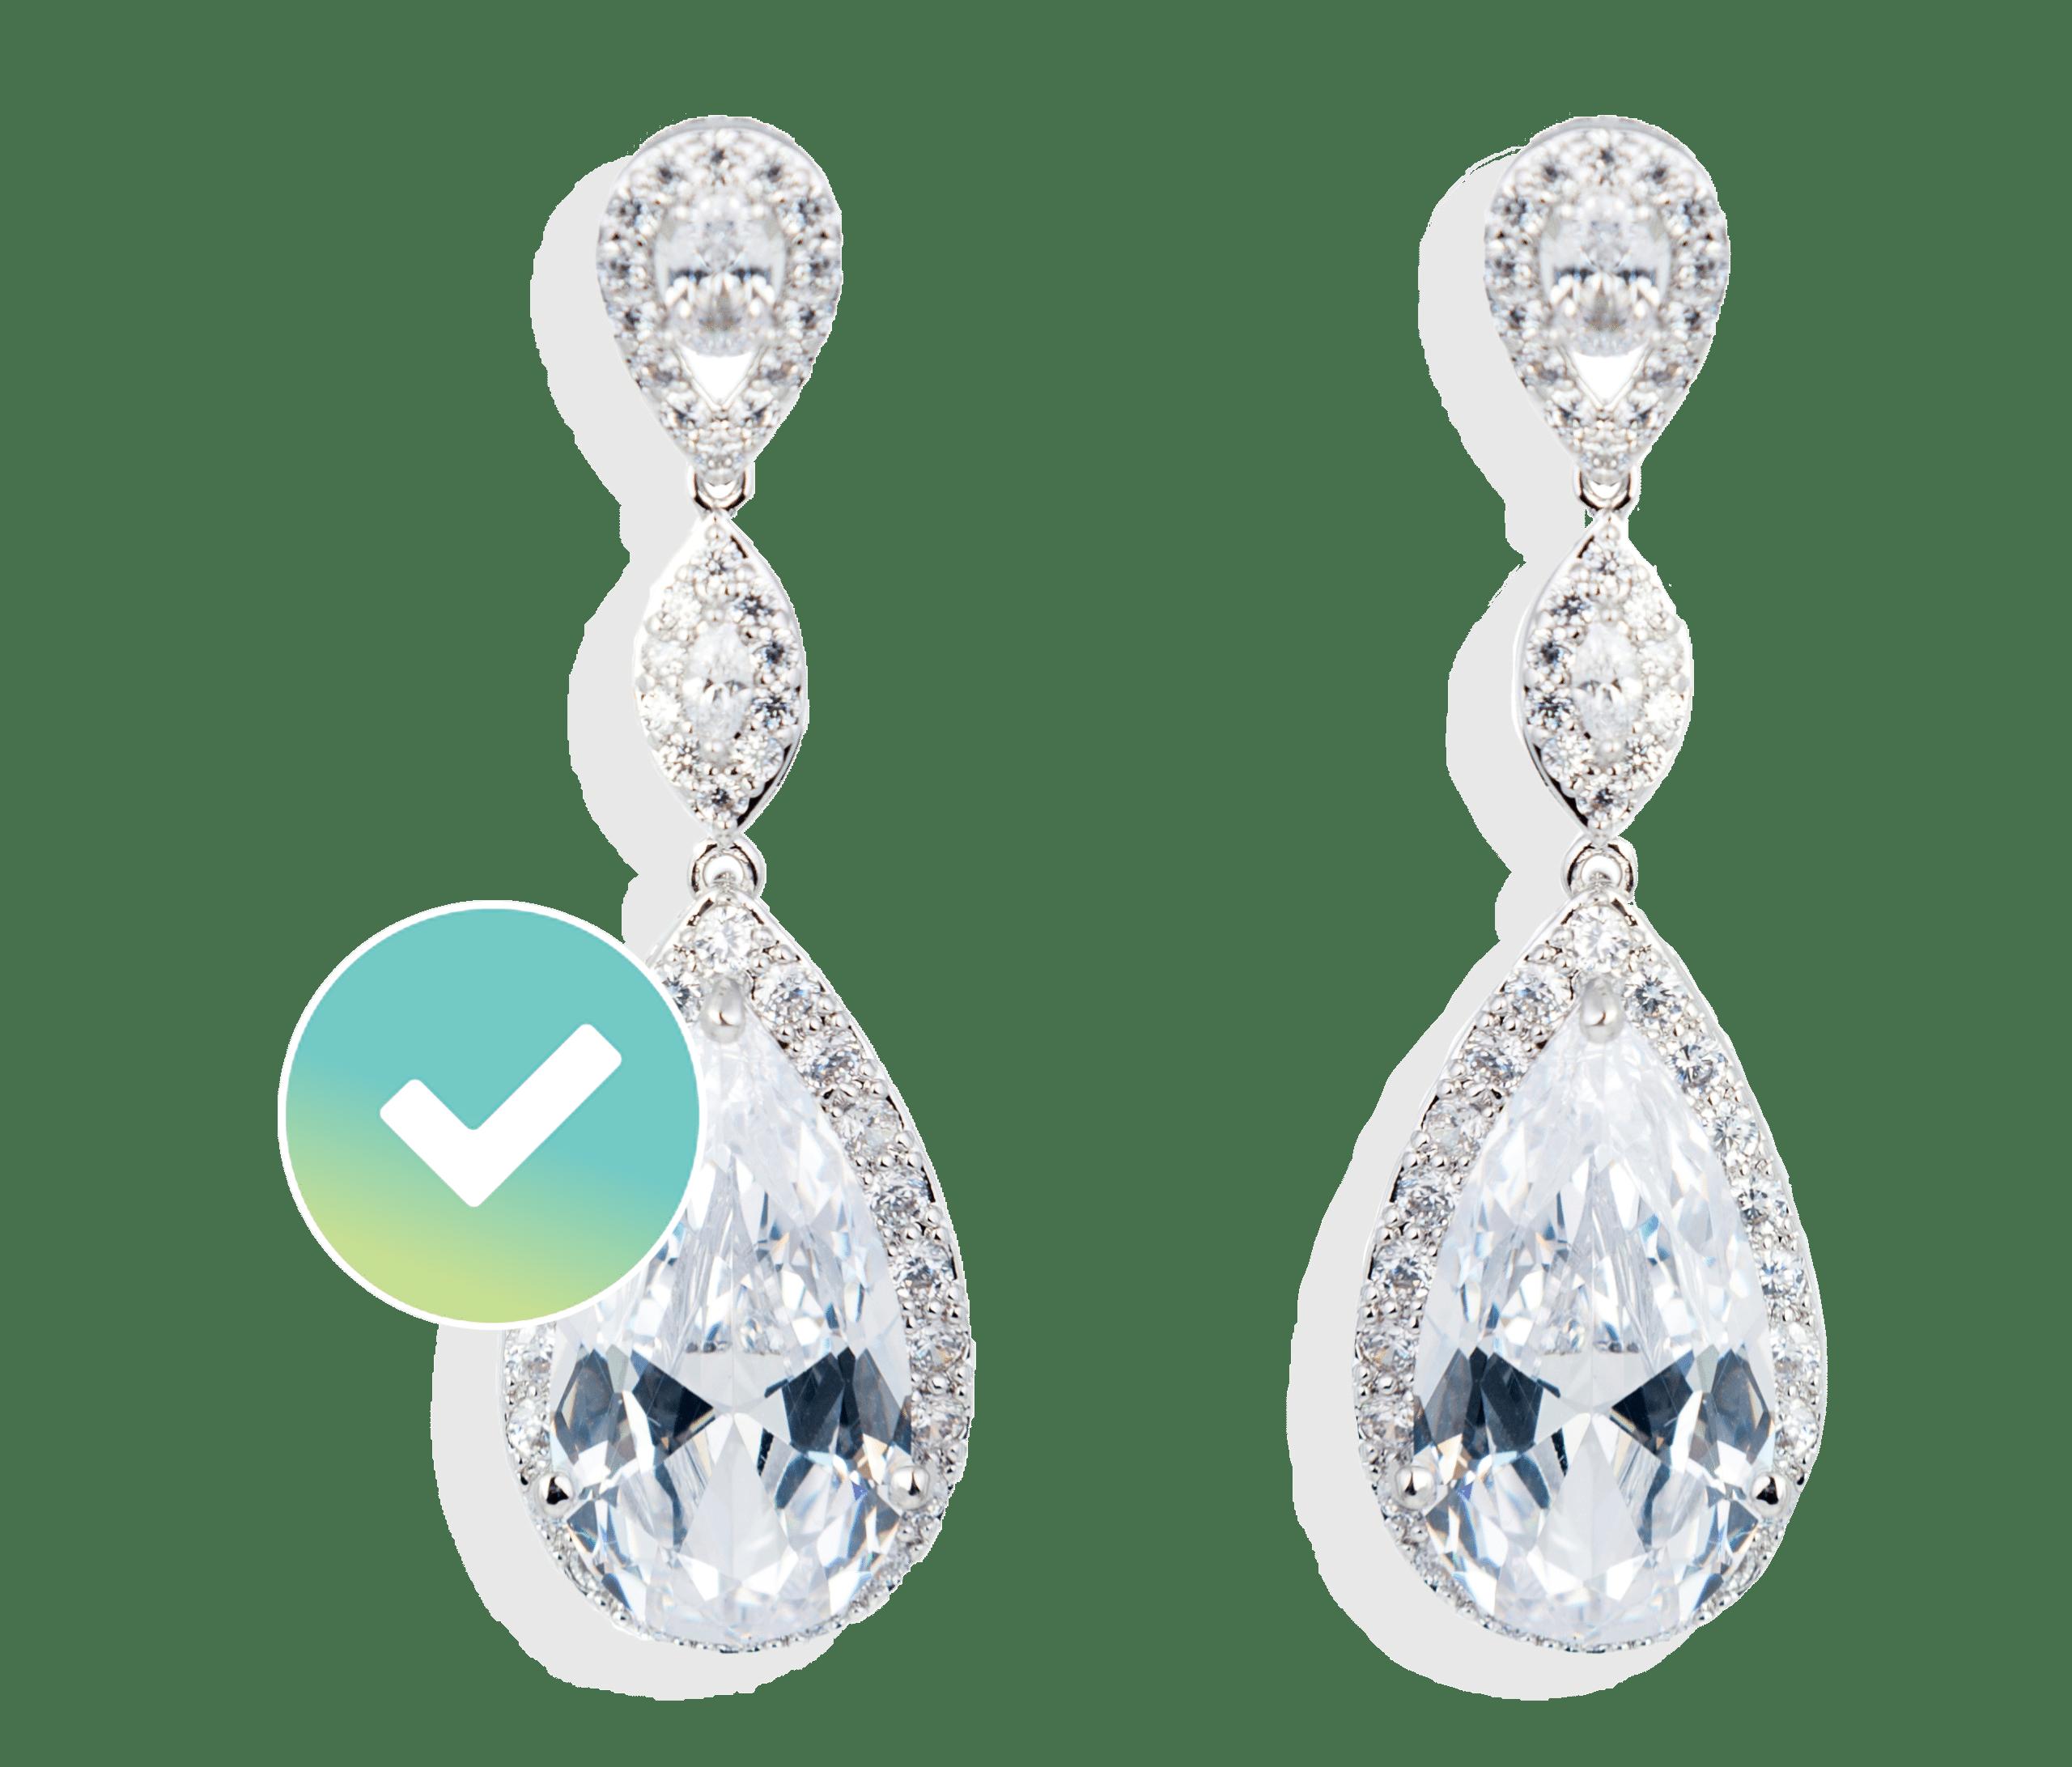 Tear drop diamond earrings insured by BriteCo Jewelery Insurance